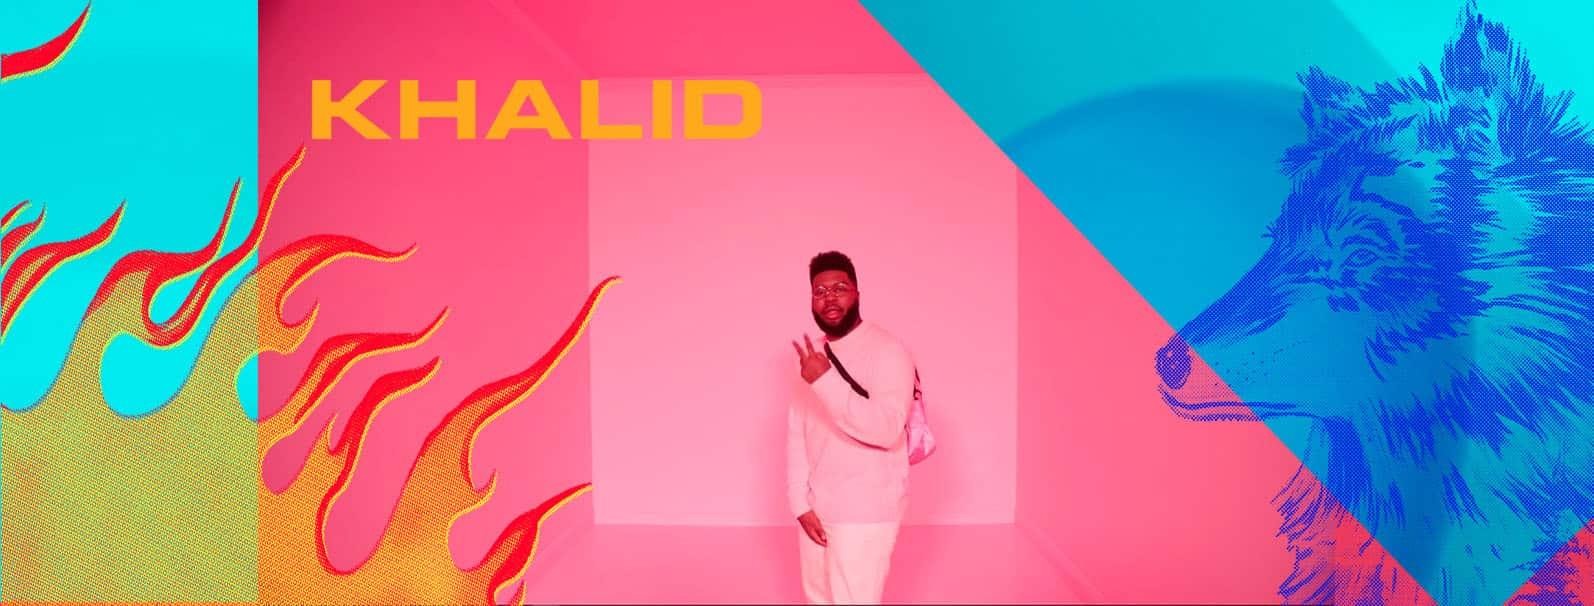 Khalid Tour 2020.Khalid Tour 2020 Concert Tickets Vip Packages